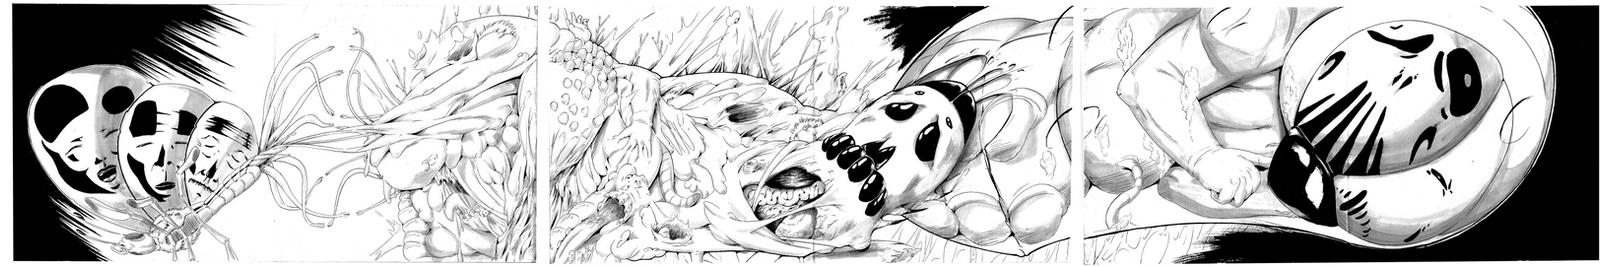 la historia de una oruga by nmnumberzero